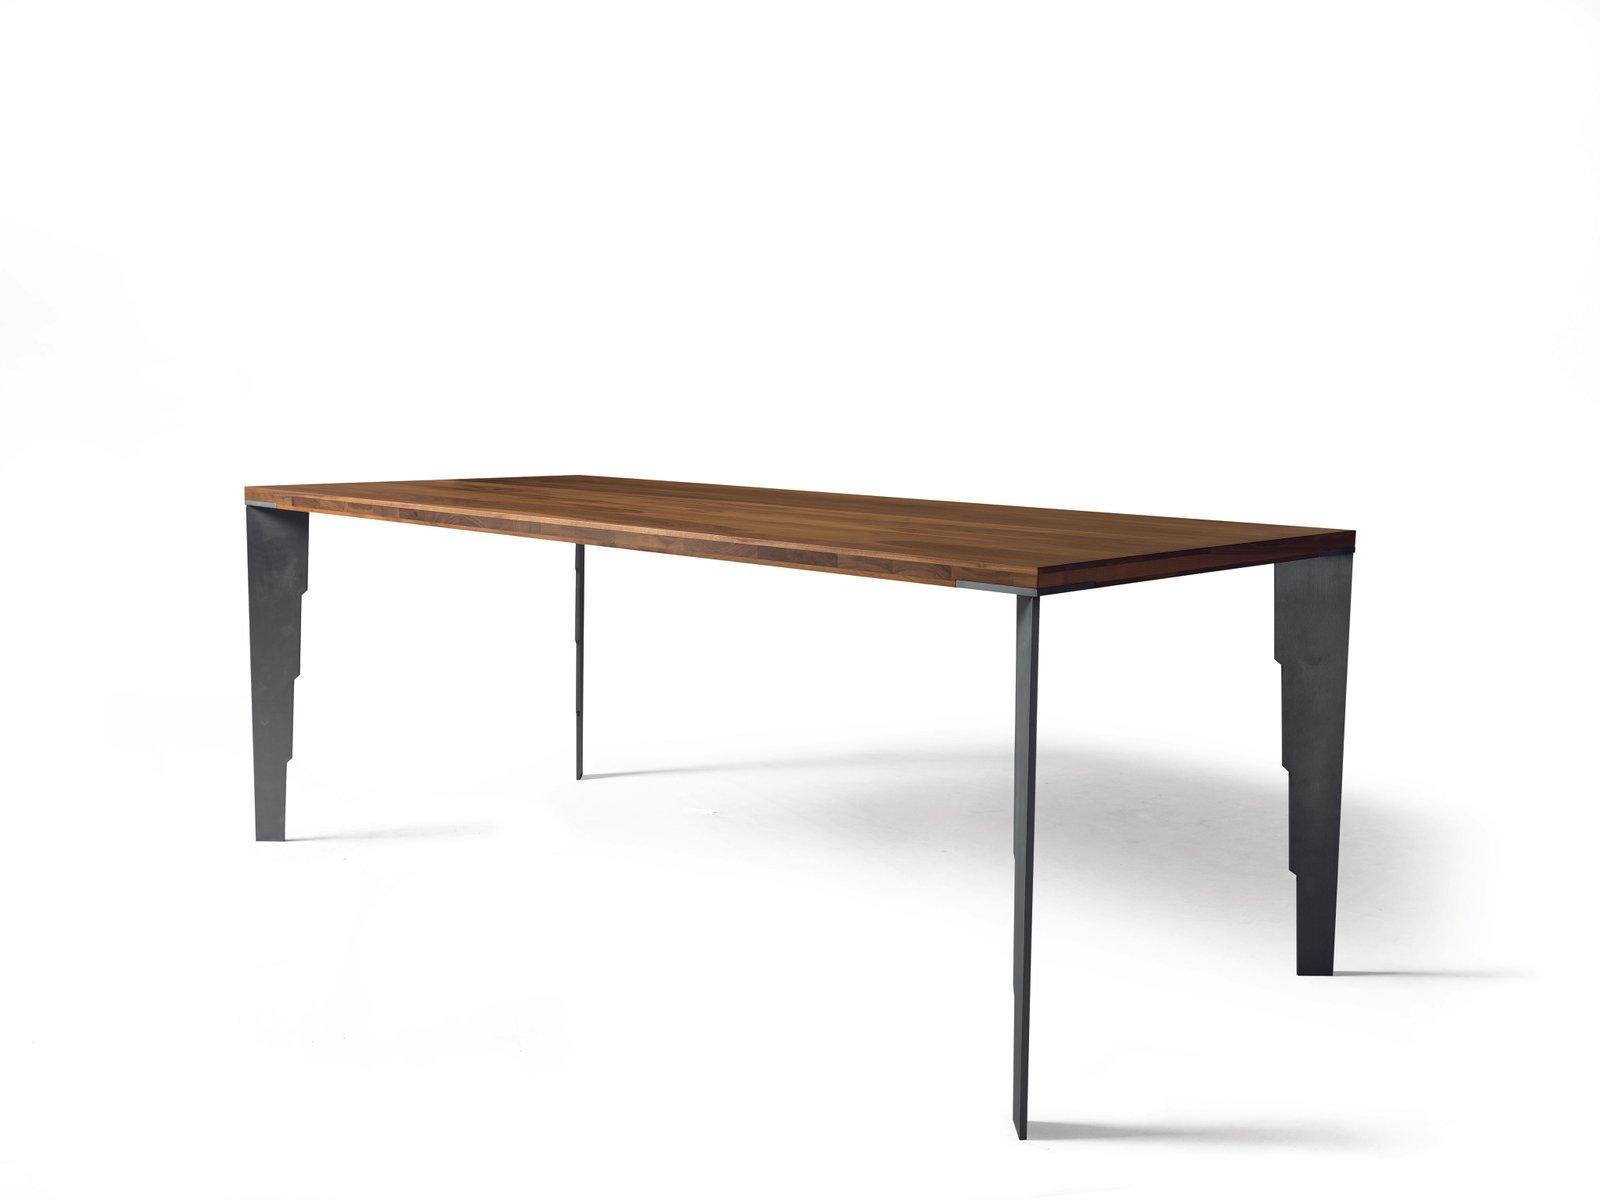 Tavolo piccolo con ripiano in legno naturale oliato e gambe in metallo effetto acciaio di dale - Tavolo legno naturale ...